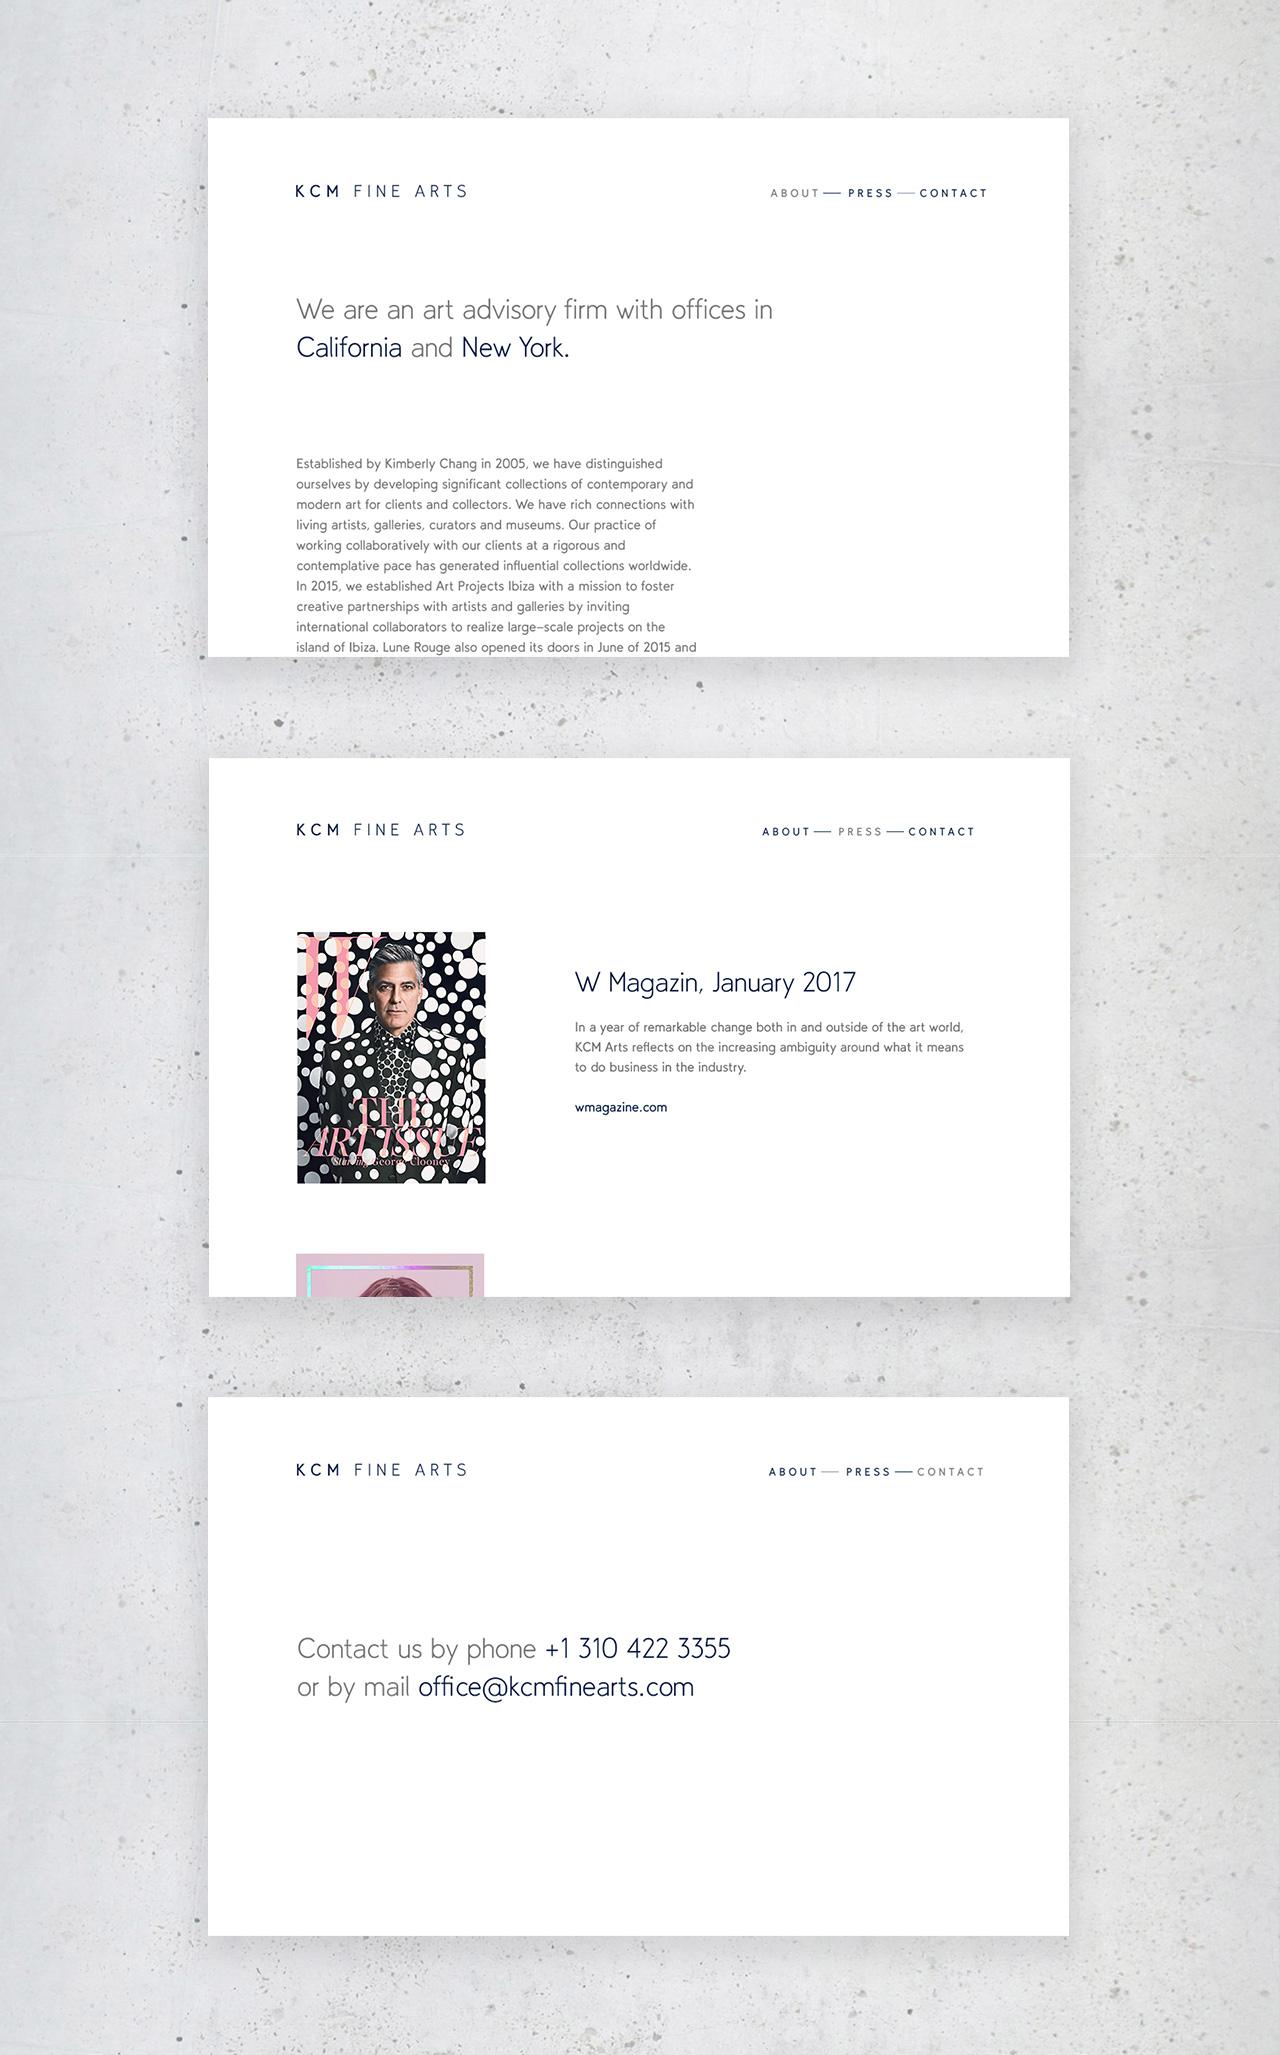 KCM-FINE-ARTS-Branding-LKA-W-1280-02